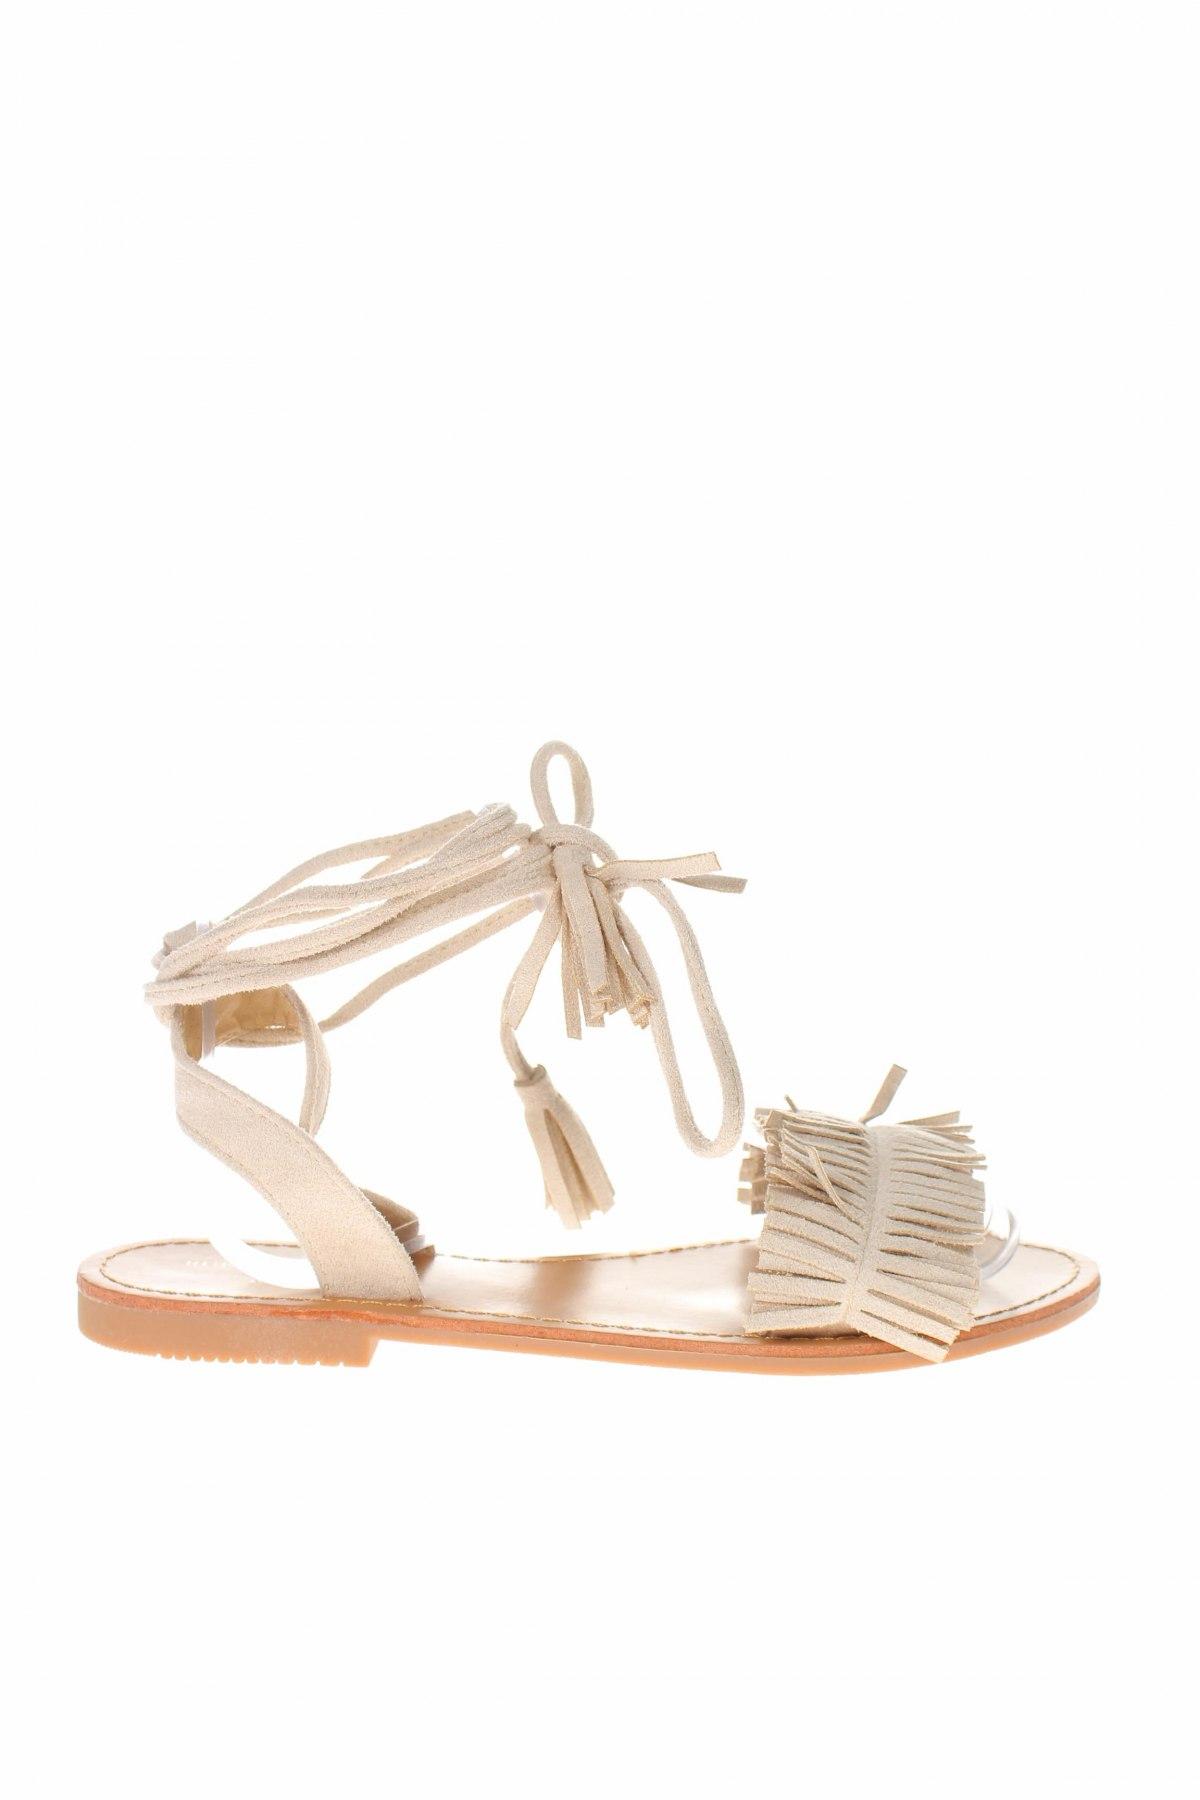 Σανδάλια Rue Princesse, Μέγεθος 37, Χρώμα Λευκό, Κλωστοϋφαντουργικά προϊόντα, Τιμή 25,65€